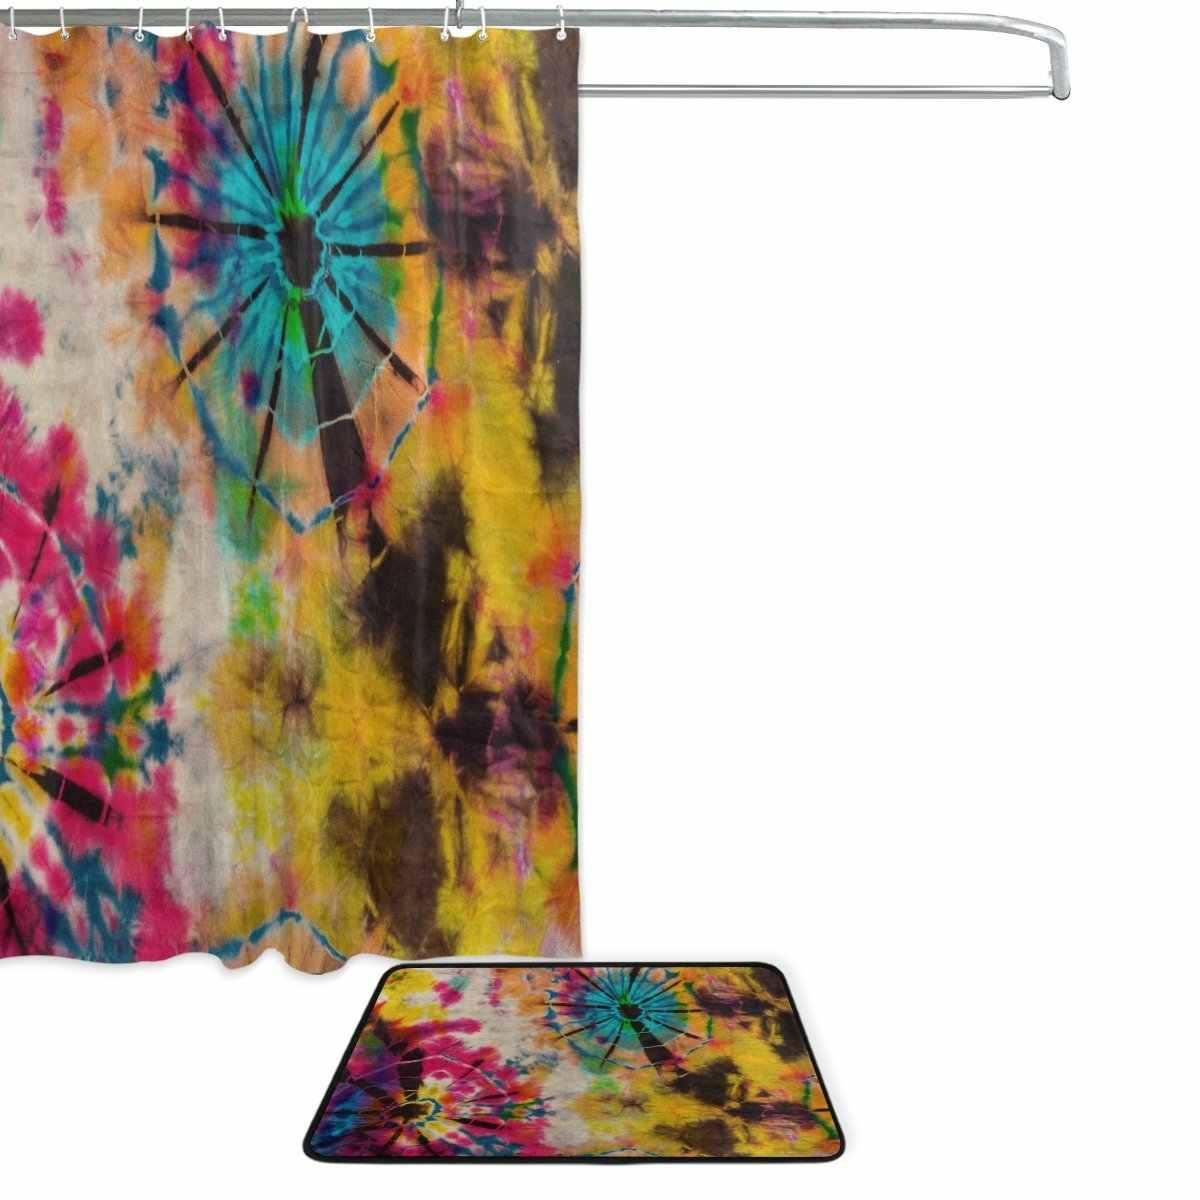 Cortina de ducha de tinte de corbata y juego de esteras, cortina de baño de tela étnica Tribal a prueba de agua